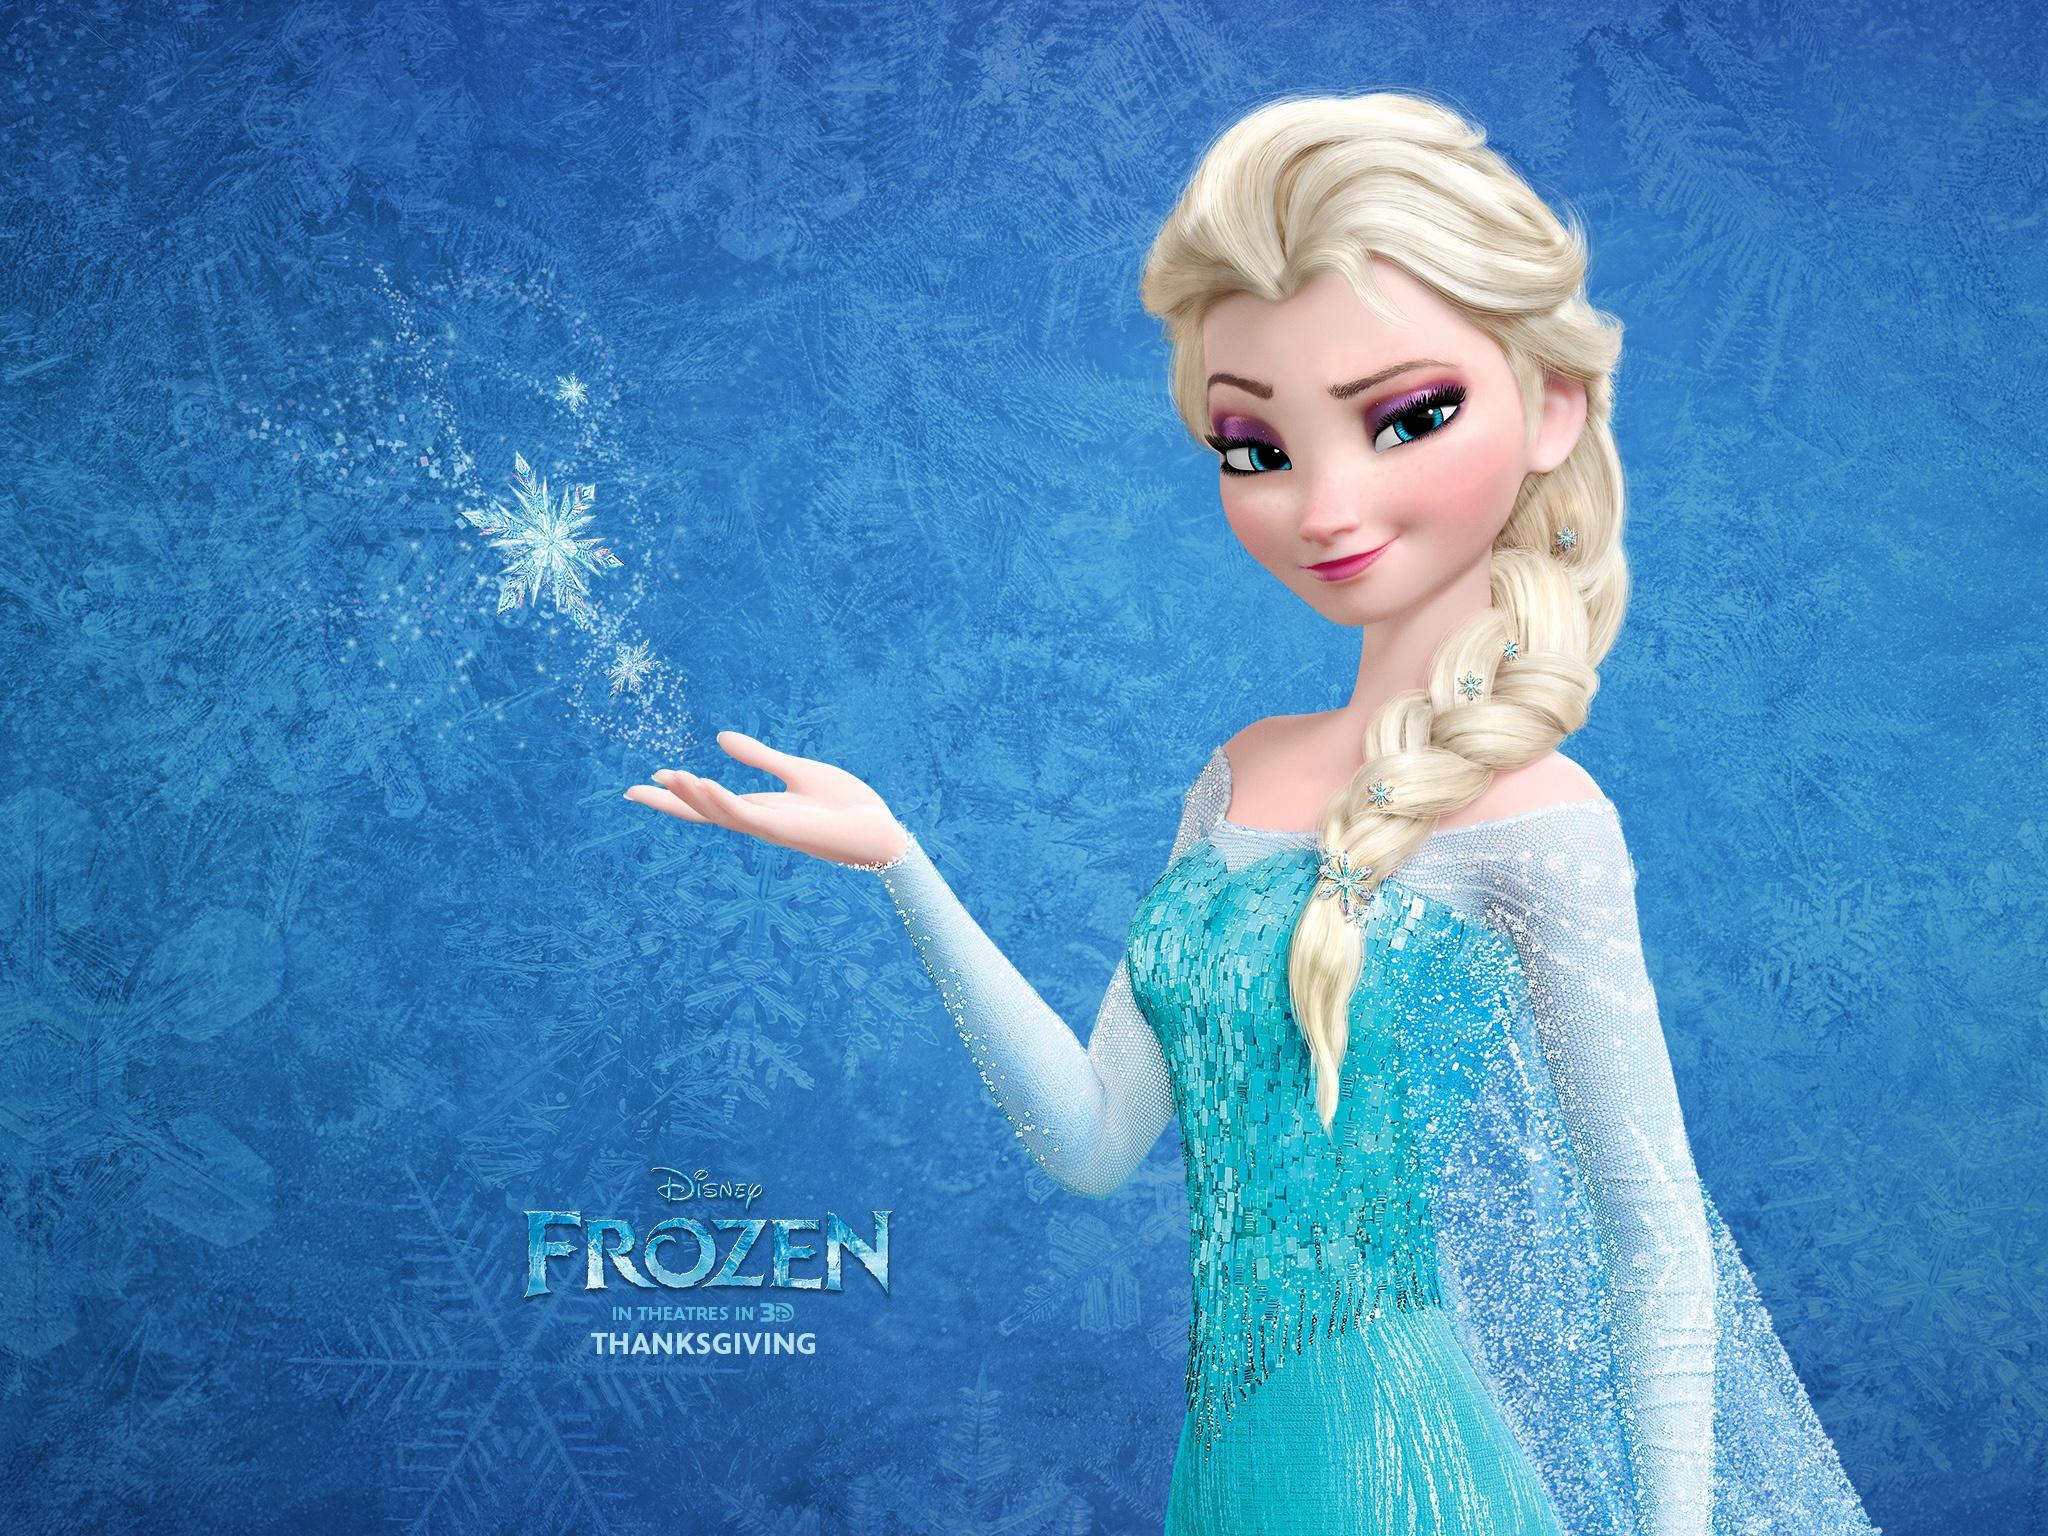 Snow Queen Elsa In Frozen Wallpapers